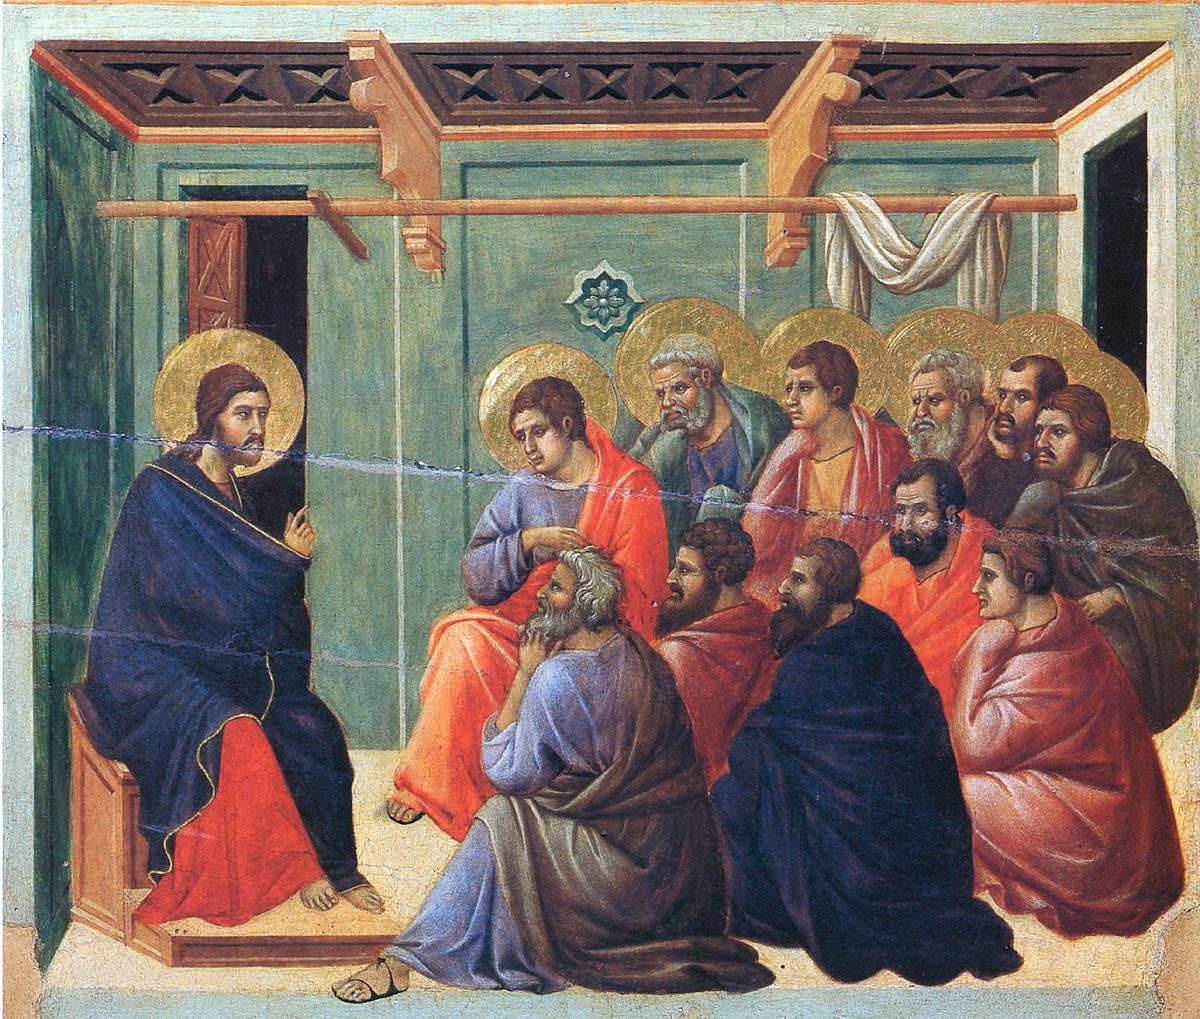 იესო ქრისტემ სული წმიდით მისცა მცნებები მოციქულებს